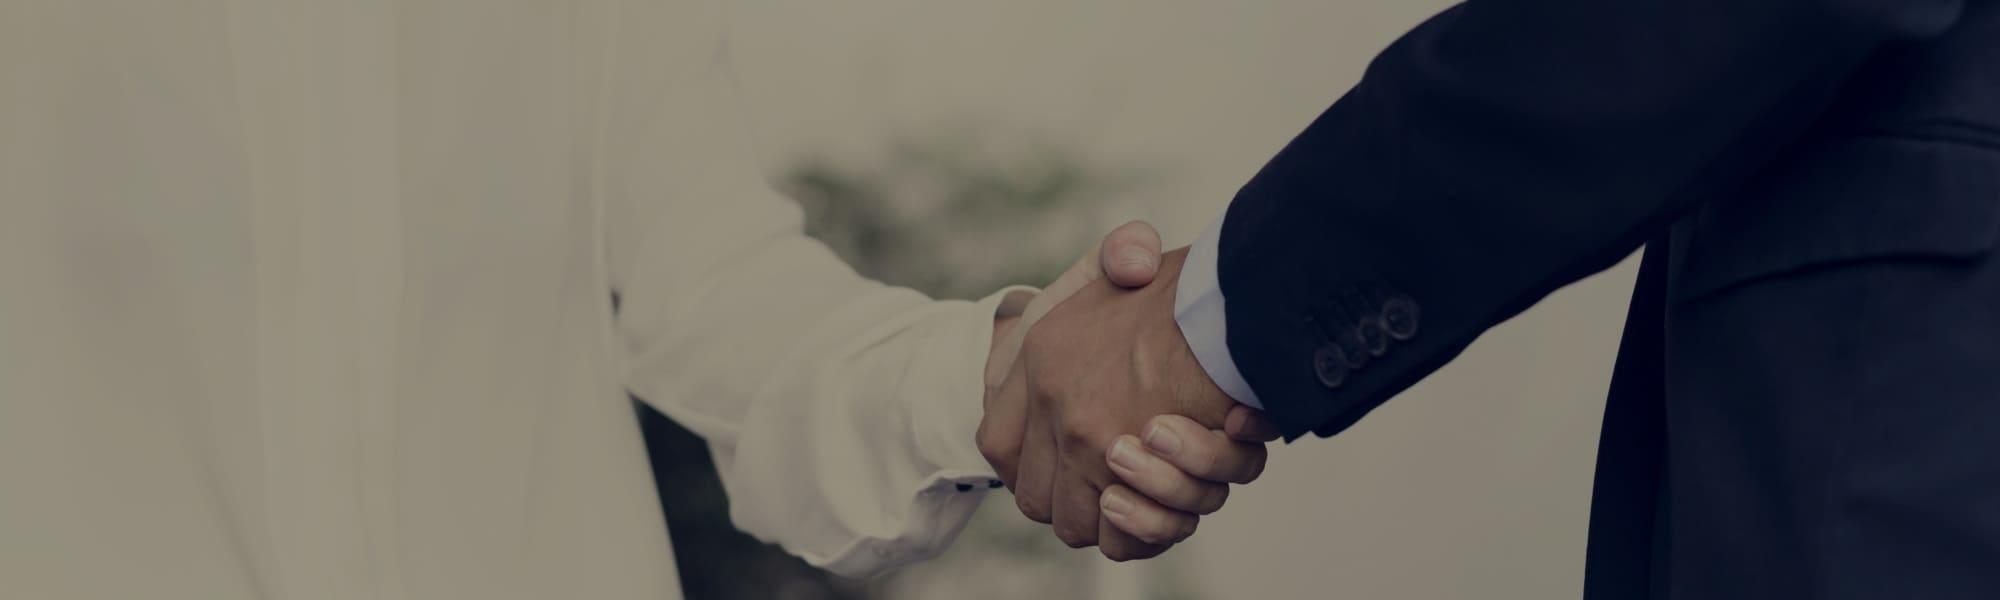 Arbeitsvertrag Muster Arbeitsvertrge Mit Rechtshinweisen Pdf Seite